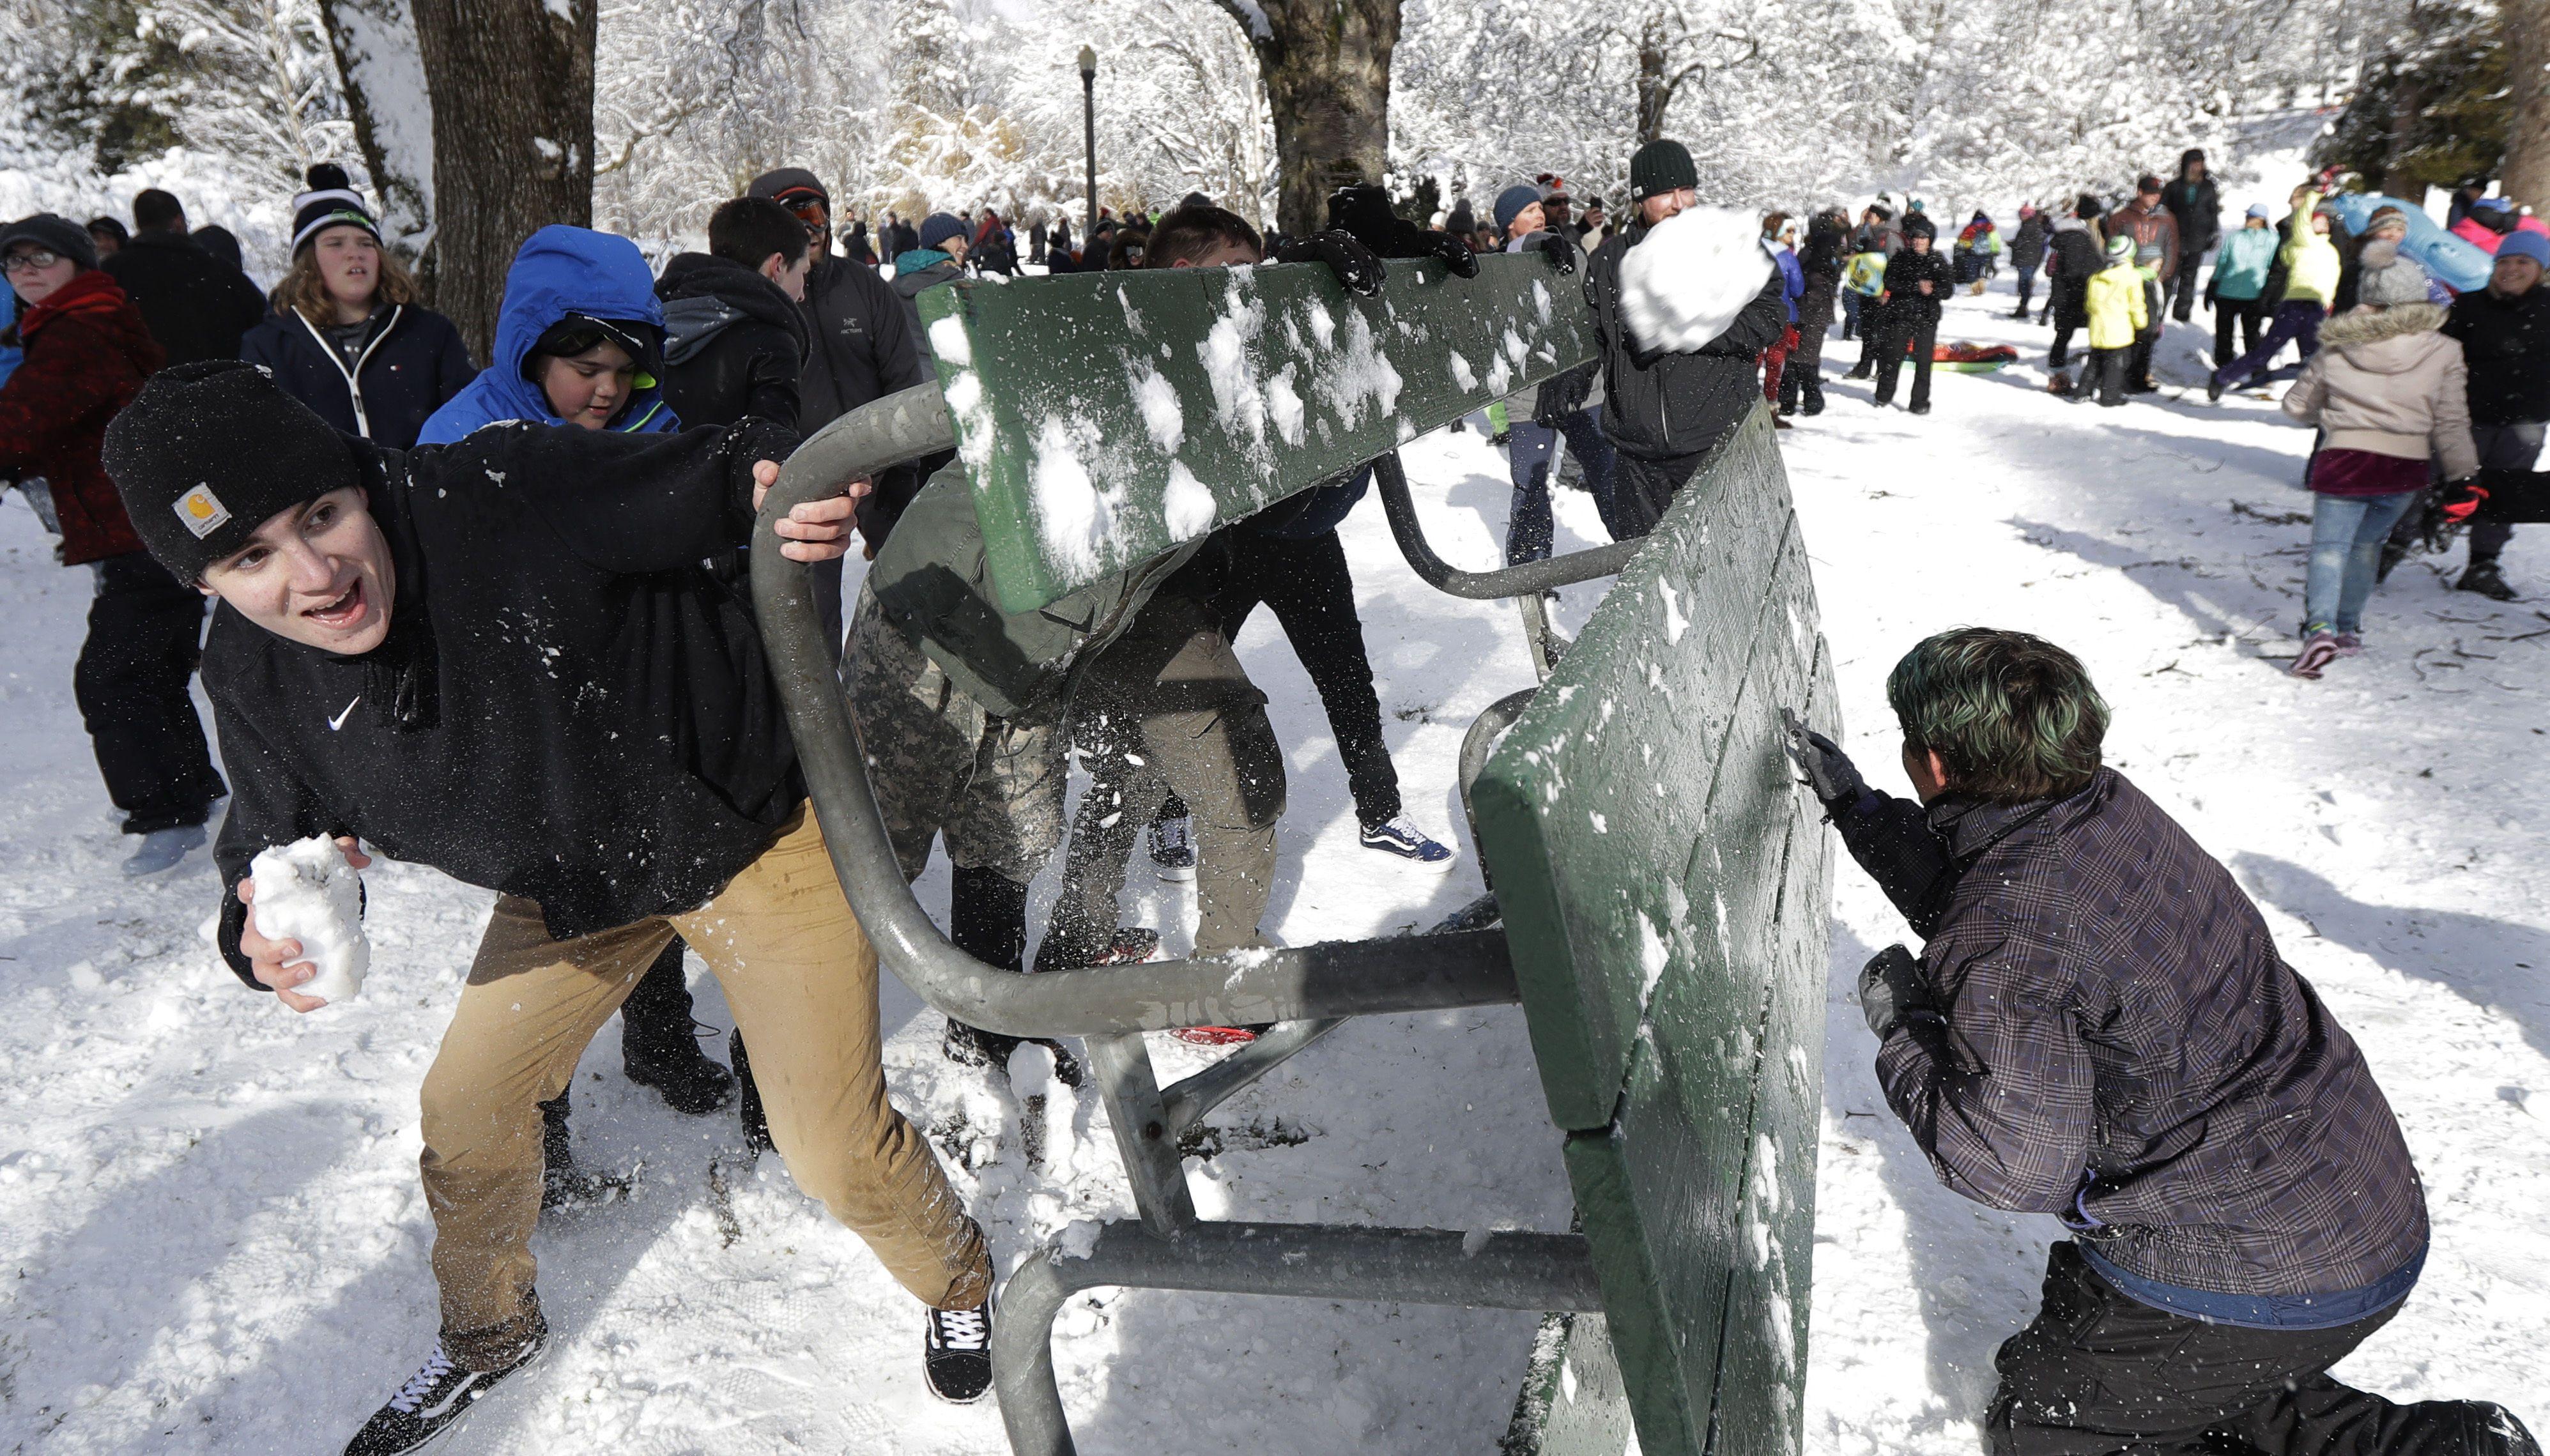 битва сніжками, сша, сніг